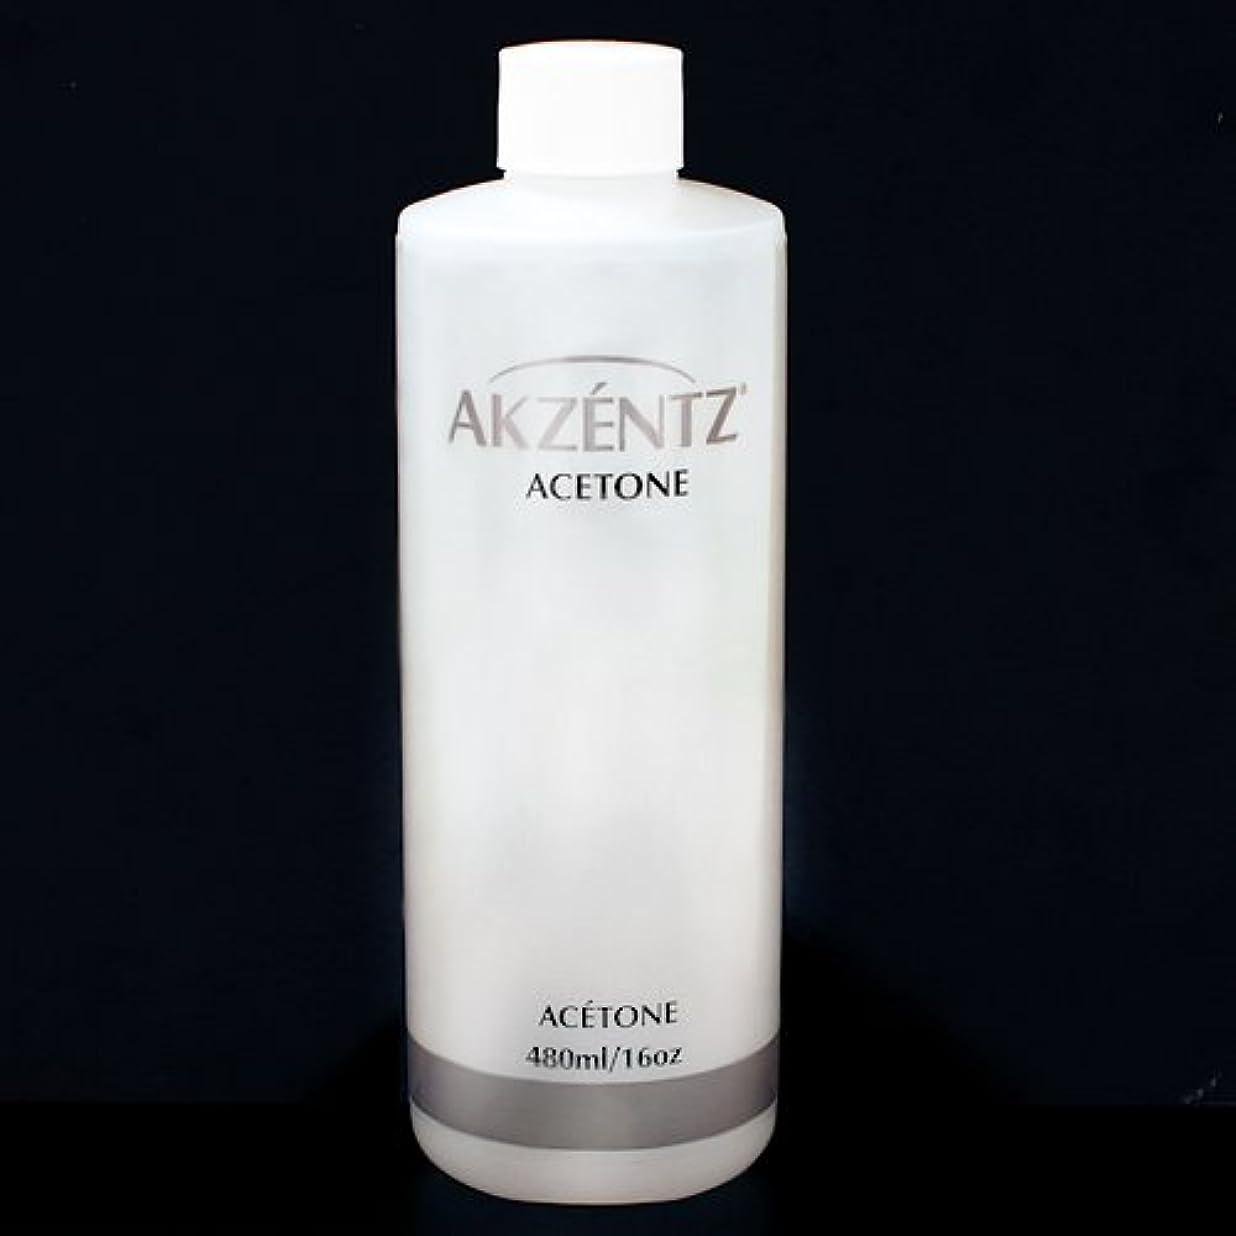 舗装する男らしさつぼみアクセンツ(AKZENTZ) ネイルリムーバー (アセトン) 480ml